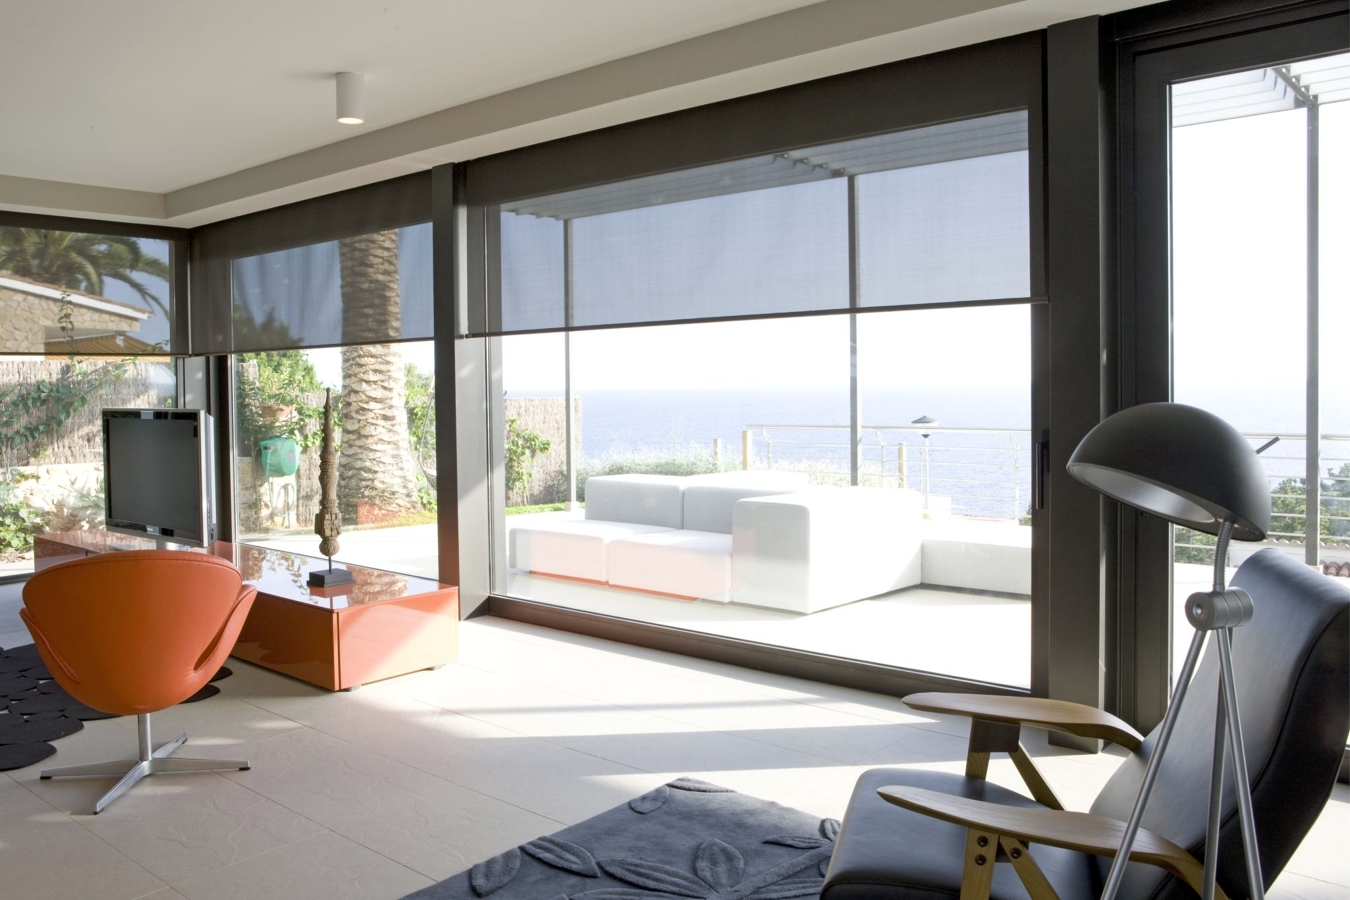 Luminosidad y color para una casa abierta al paisaje